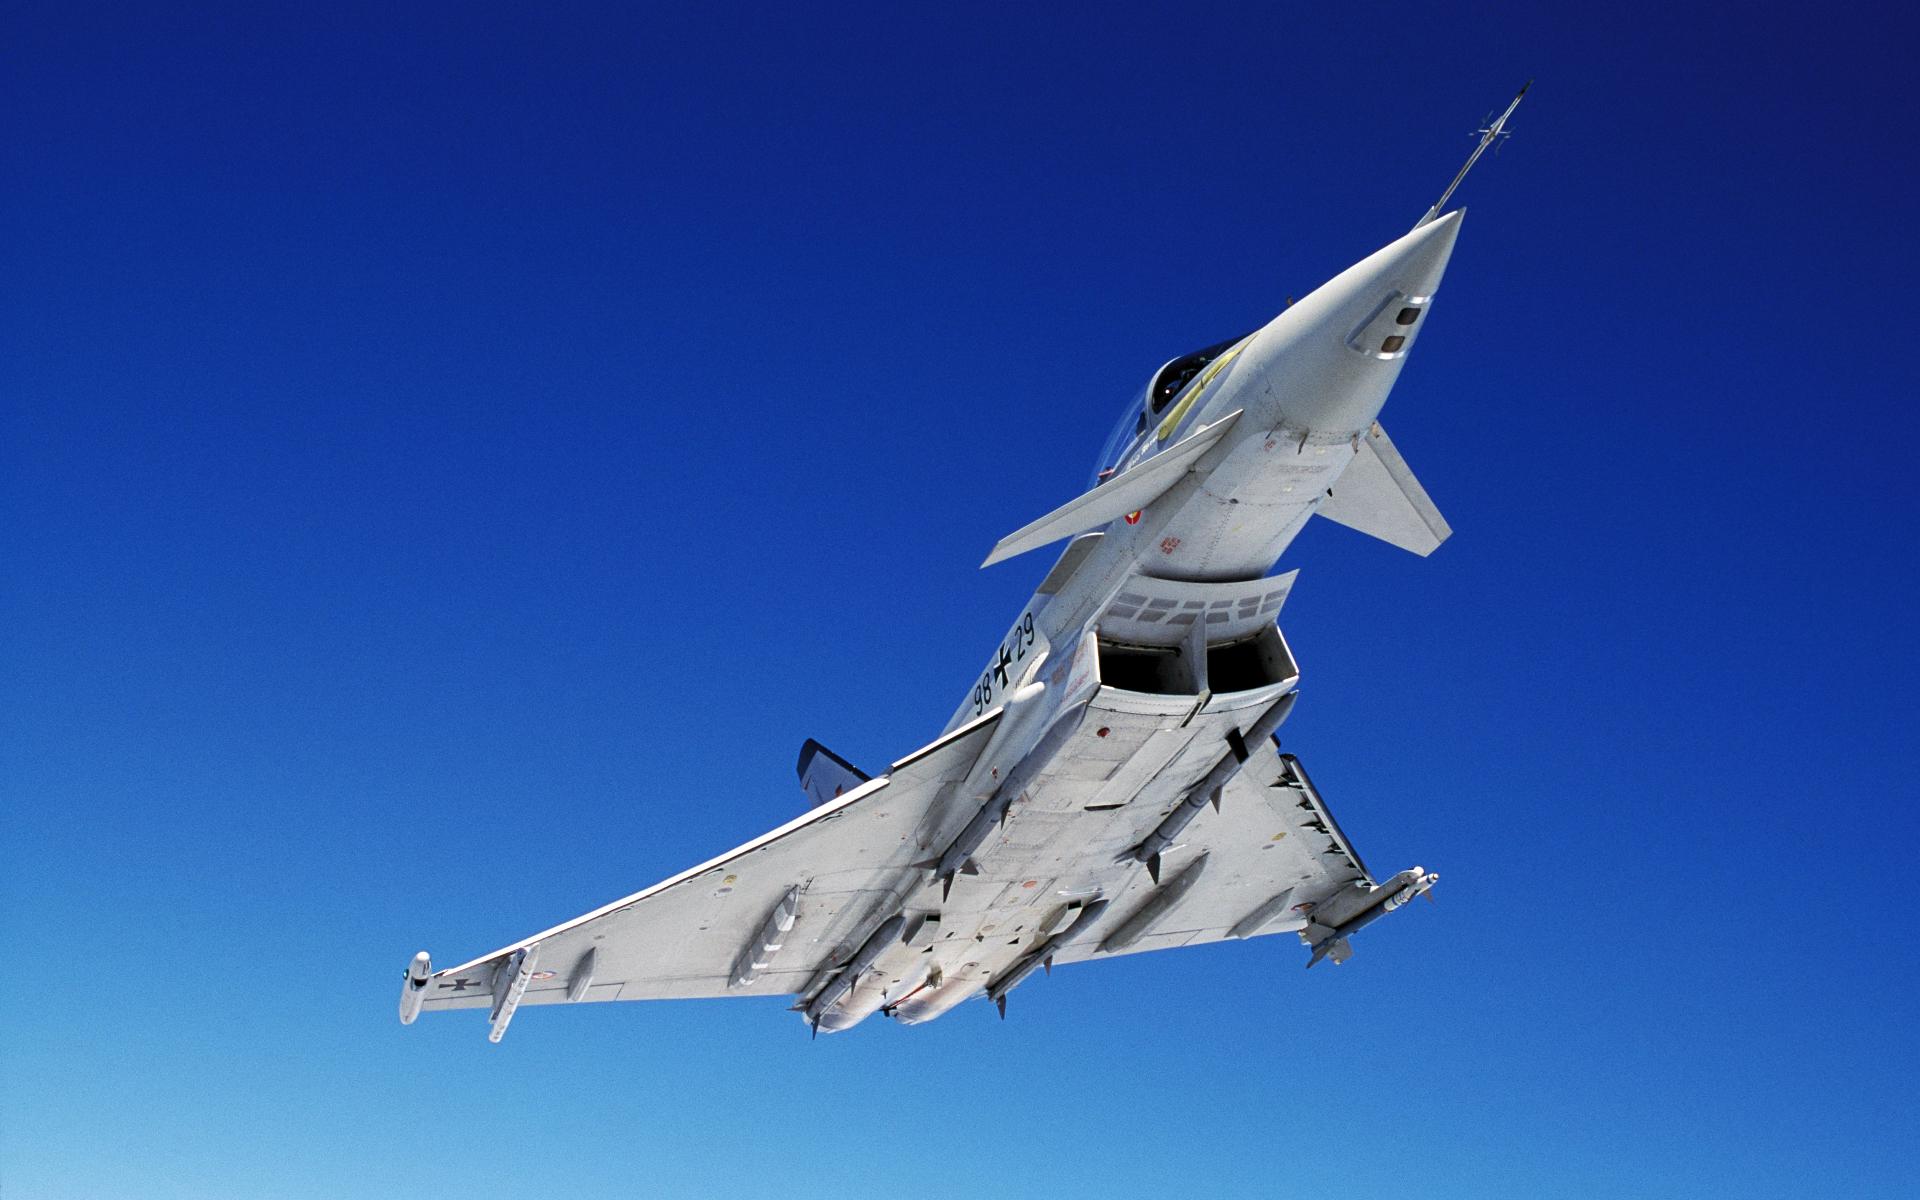 Avión Eurofighter - 1920x1200